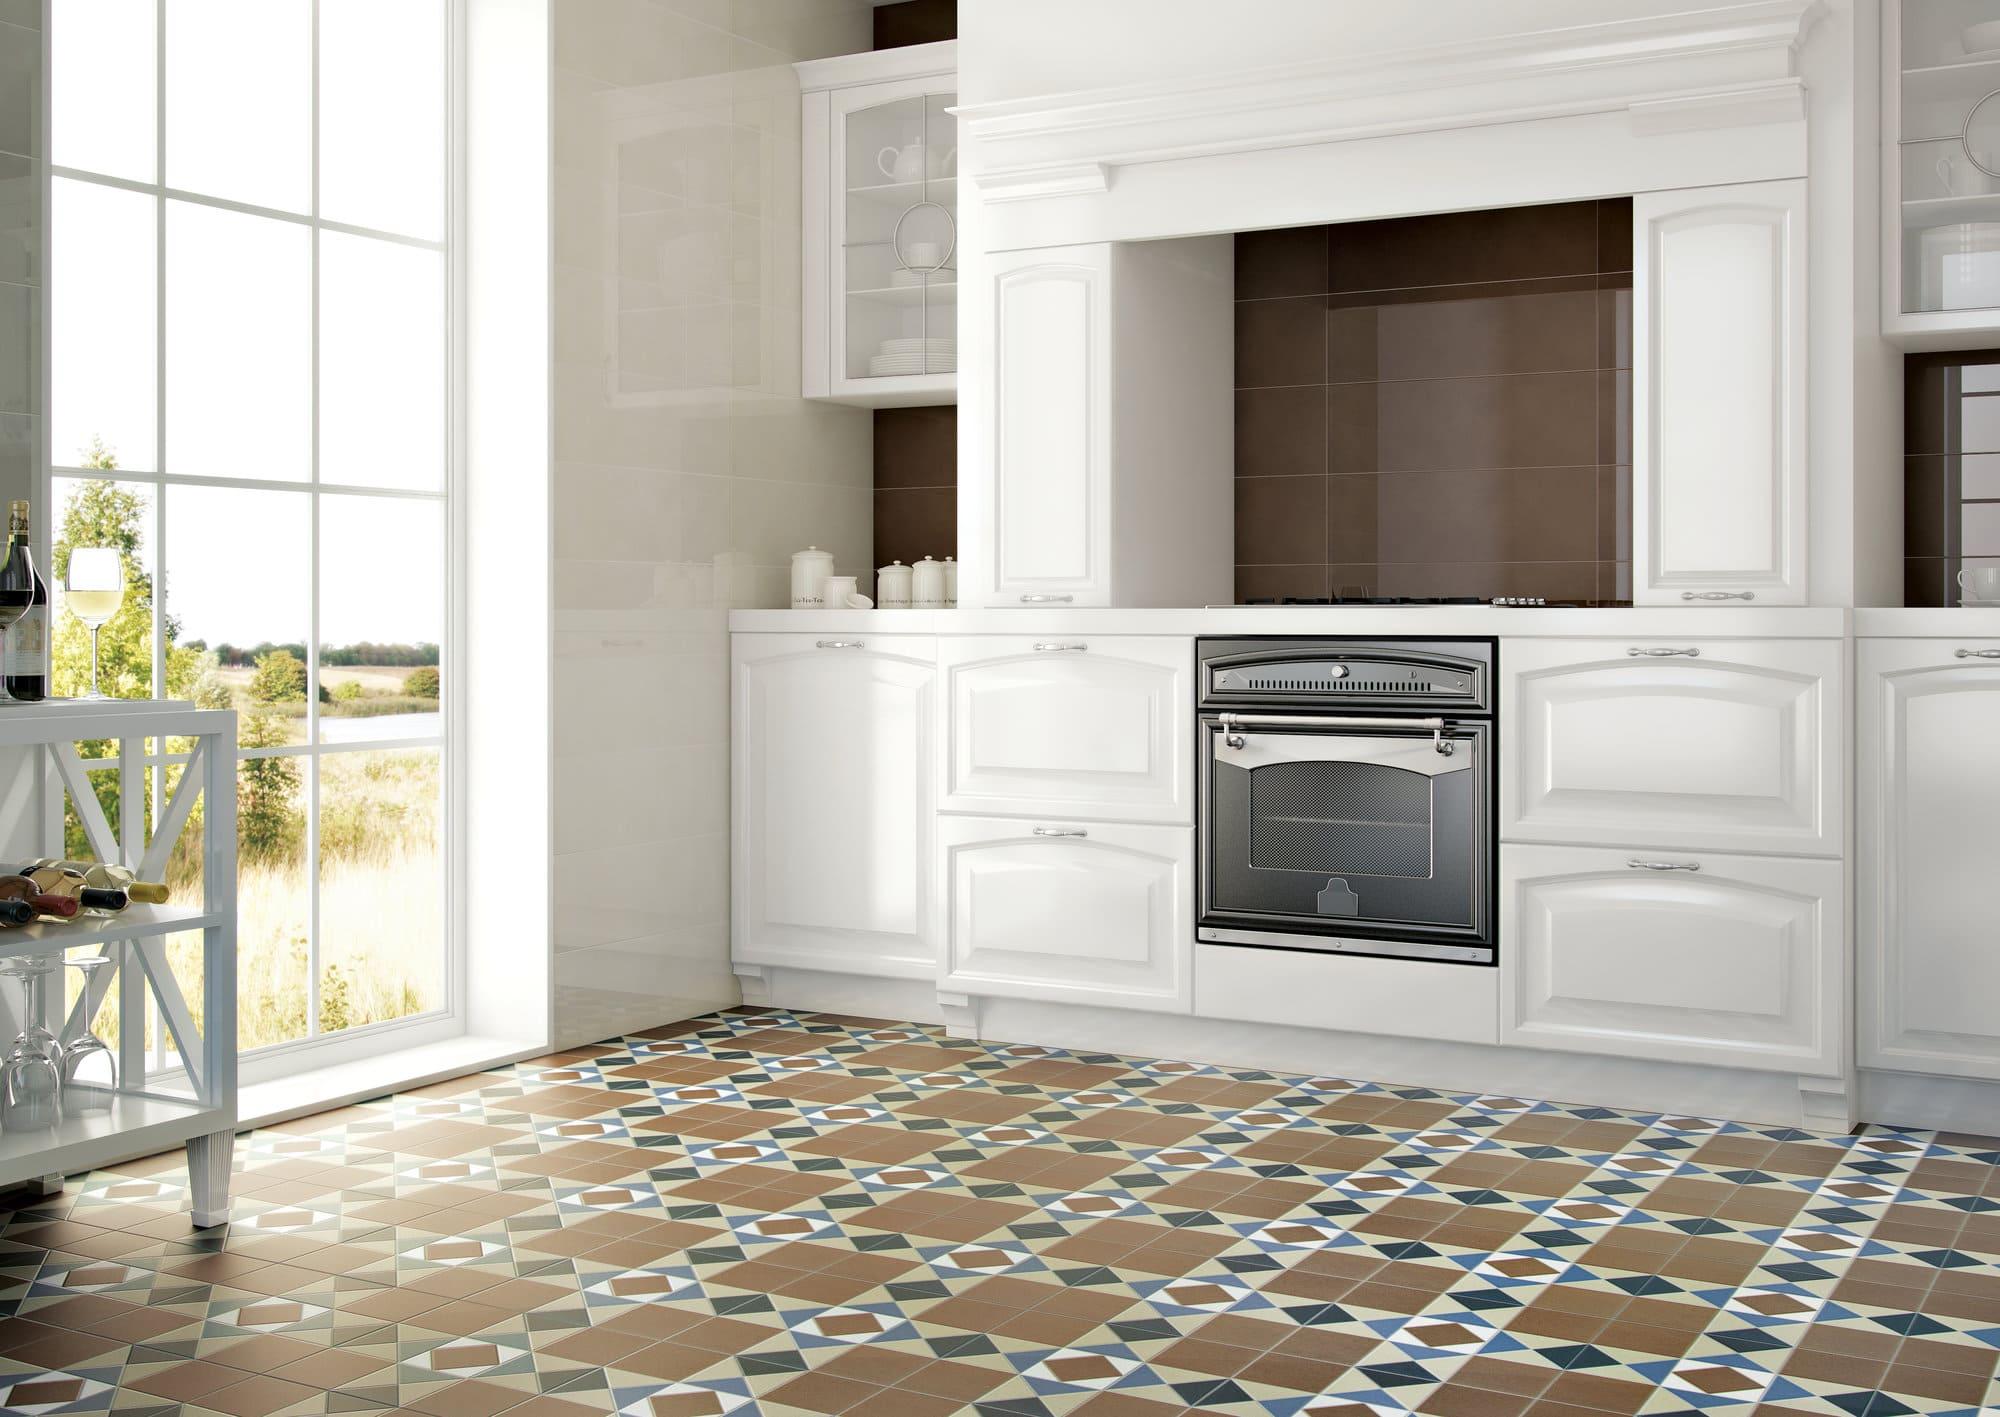 яркая плитка на кухонном полу